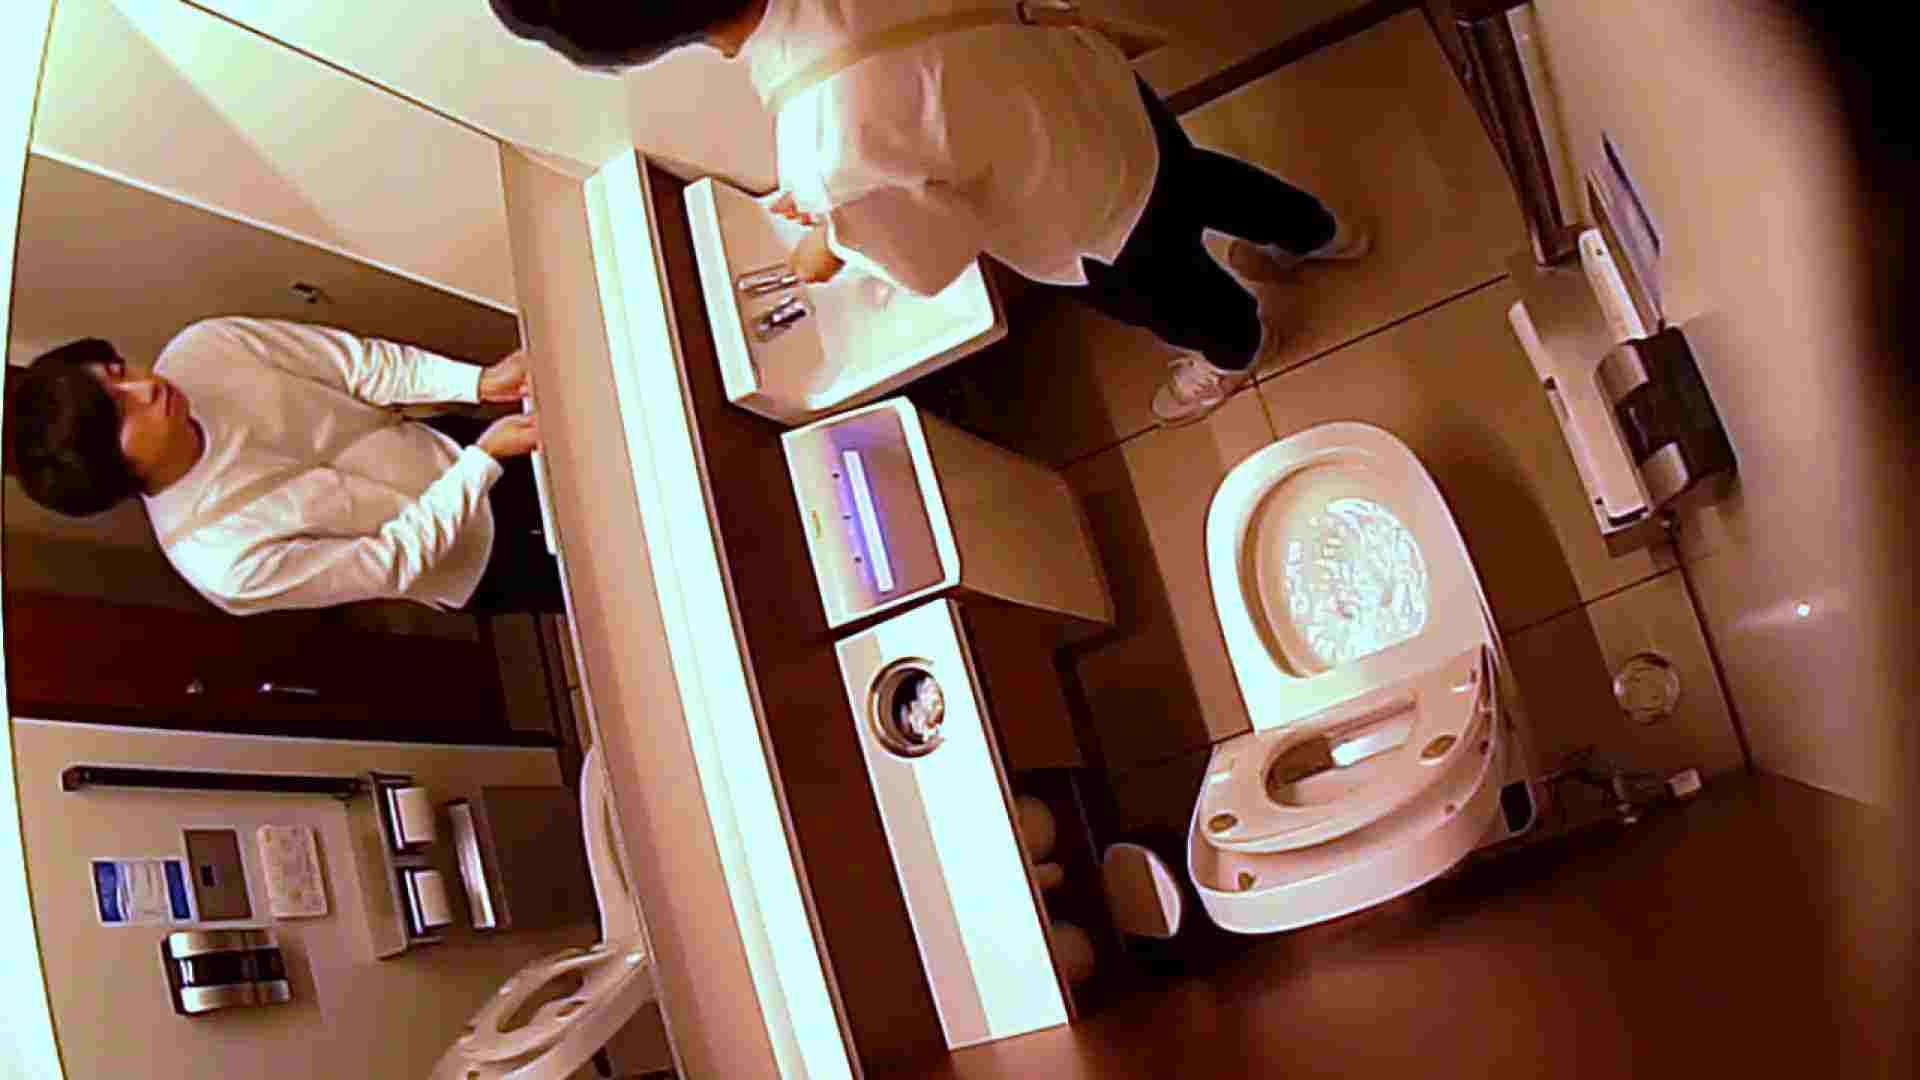 すみませんが覗かせてください Vol.32 トイレ  61連発 4